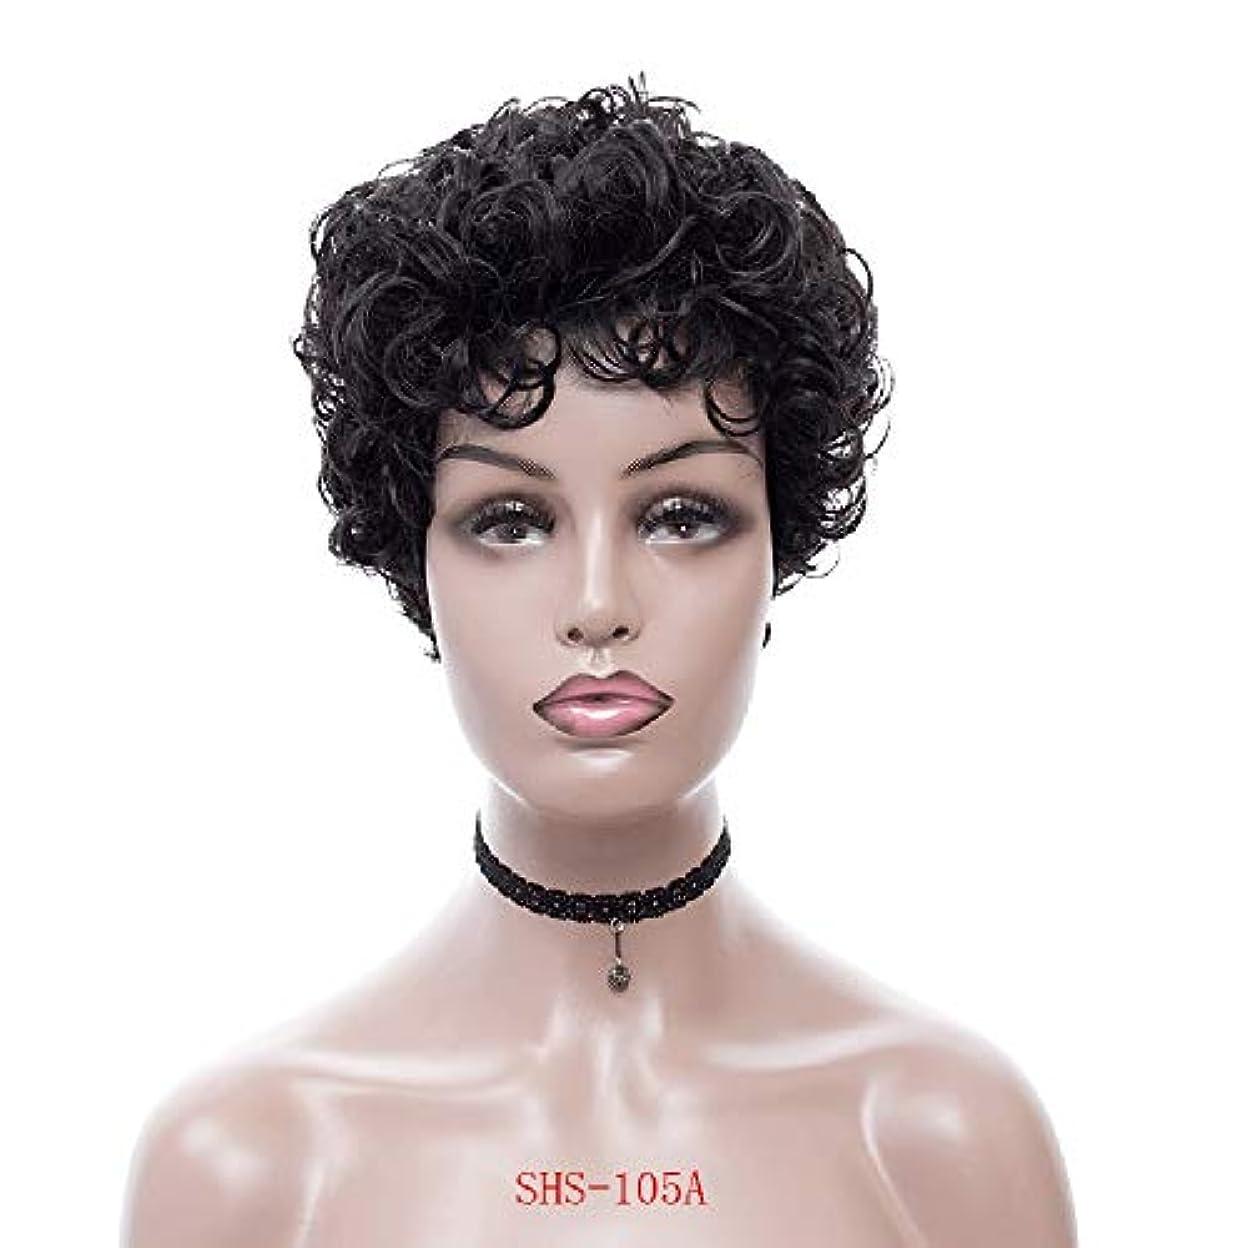 アプトとティーム大気ESTELLEF黒人女性用ショートカーリーキンキーウィッグふわふわウェーブのかかった人工毛ウィッグナチュラルウィッグ耐熱ウィッグウィッグキャップ付き